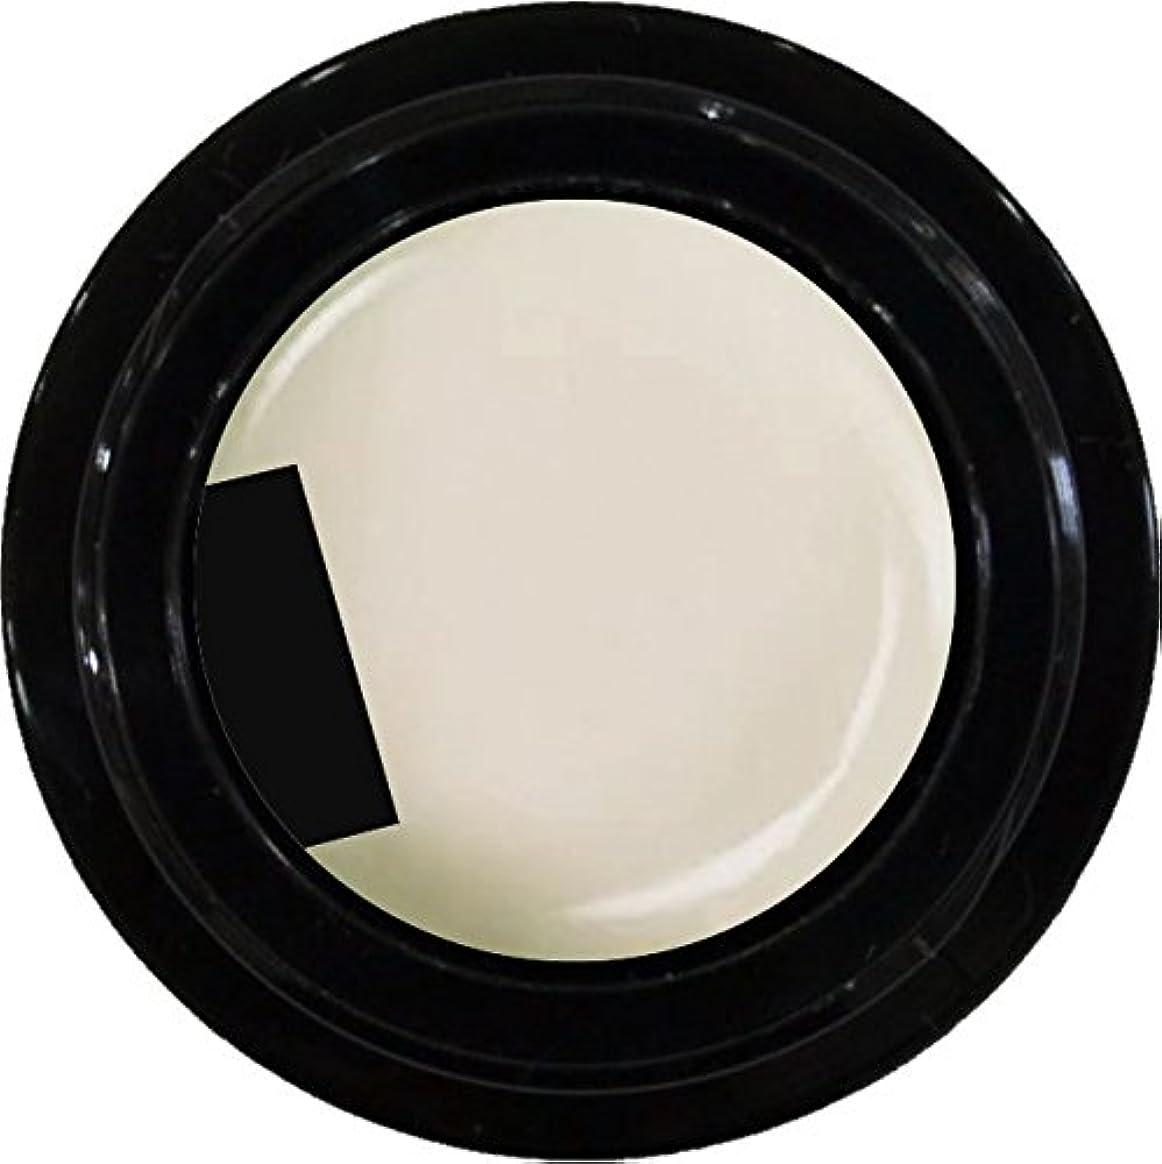 代表ベッドを作るレスリングカラージェル enchant color gel M006 MilkyWhite 3g/ マットカラージェル M006 ミルキーホワイト 3グラム